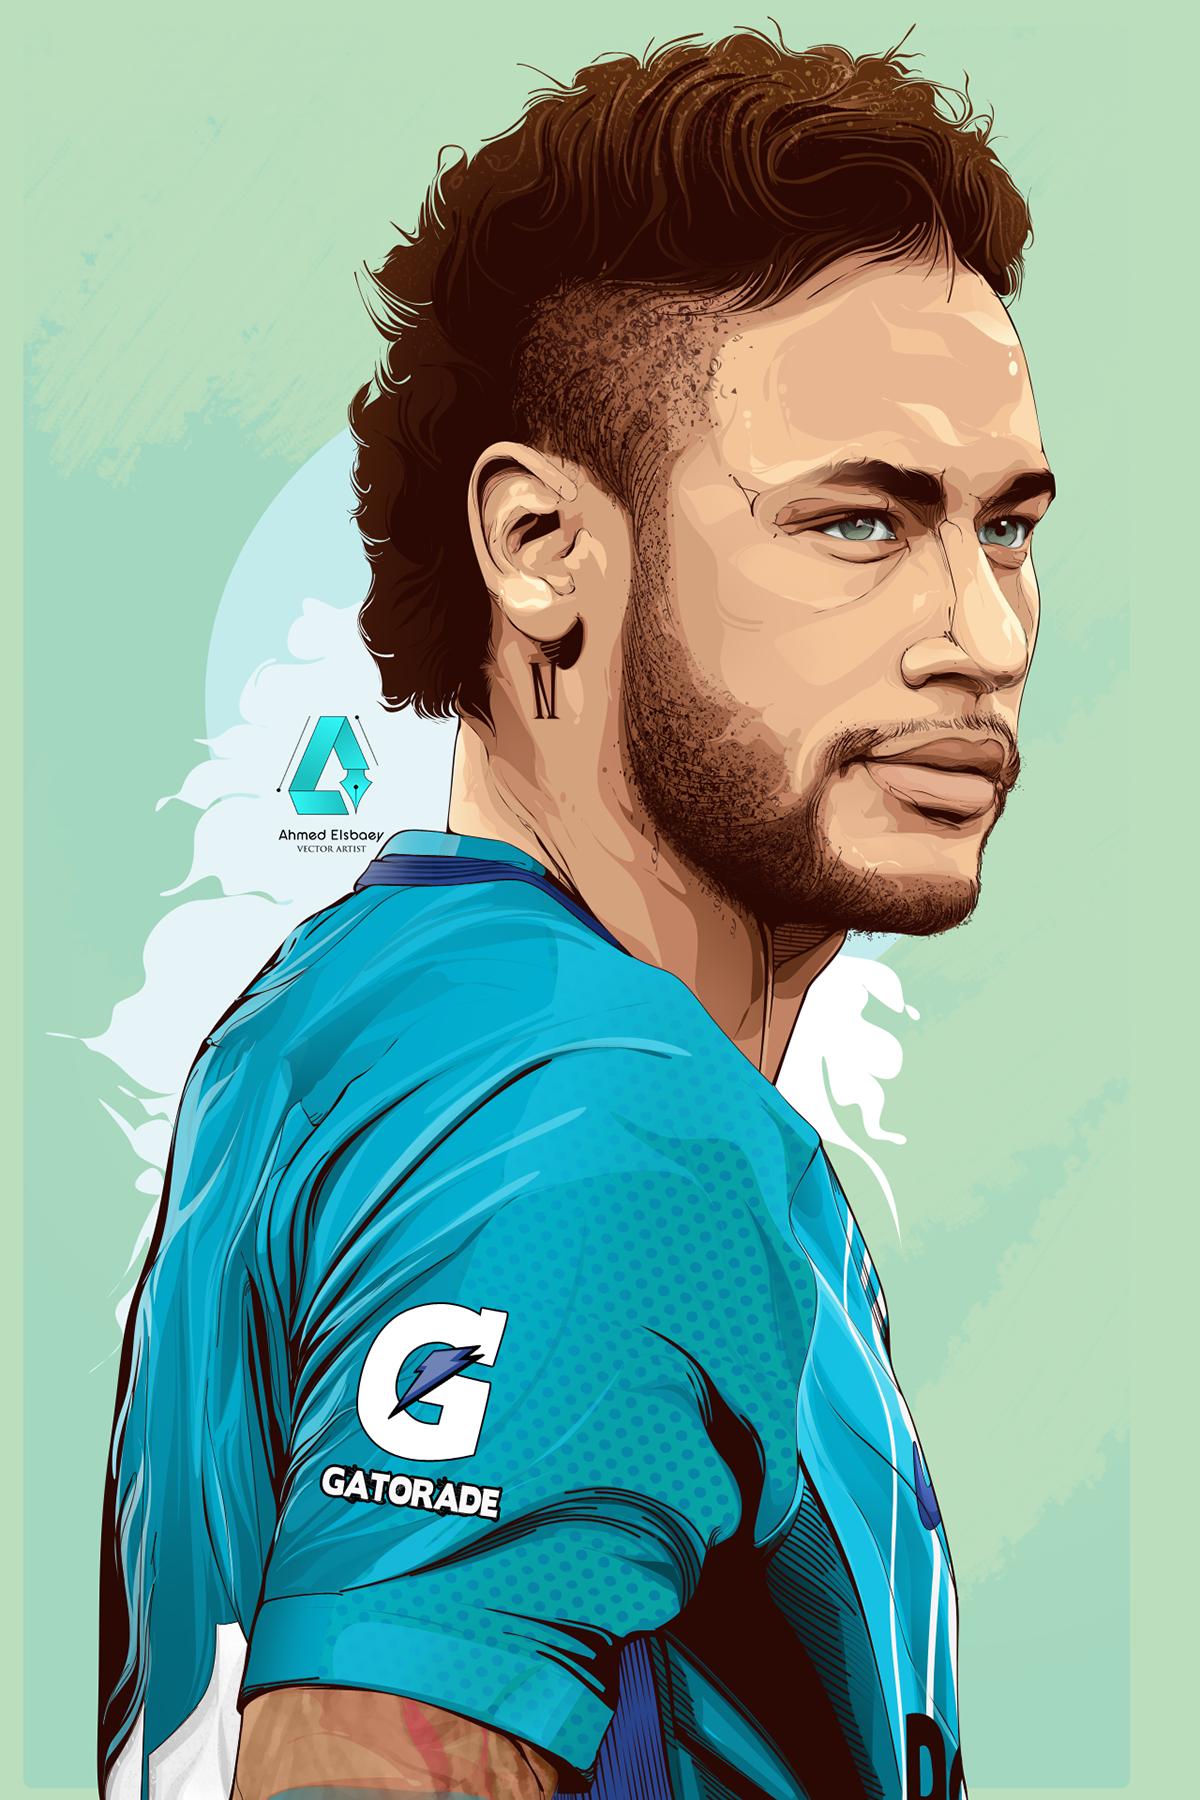 Pin De Alexis Em Football Illustration Desenho De Jogador De